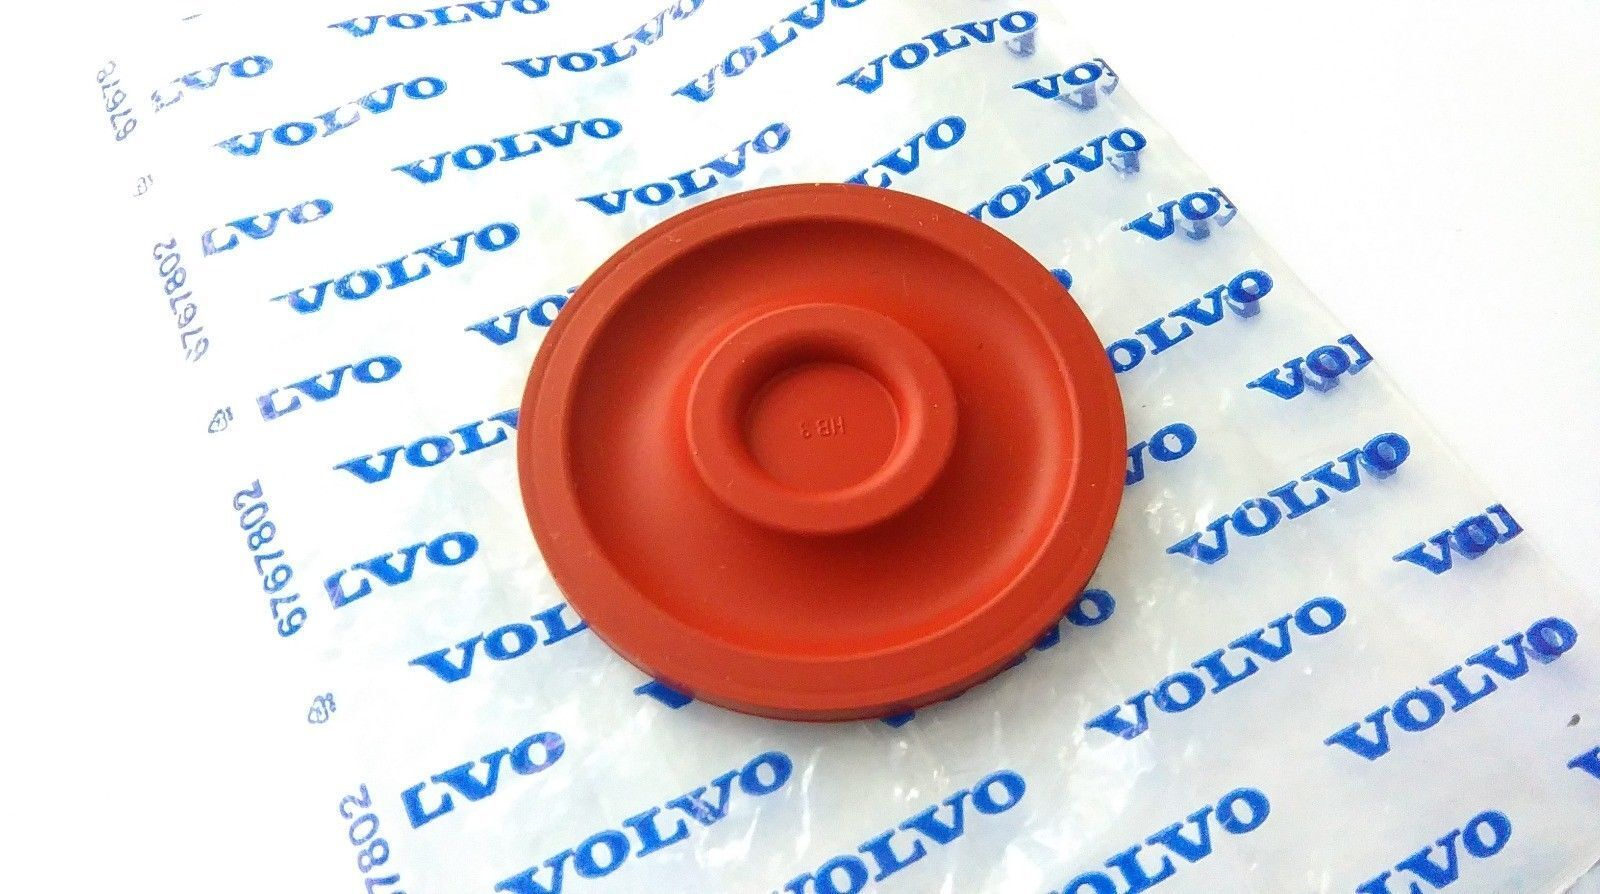 Ford Focus ST 2.5T VOLVO C30 V50 S40 oil filter housing REPAIR SET for 31338685